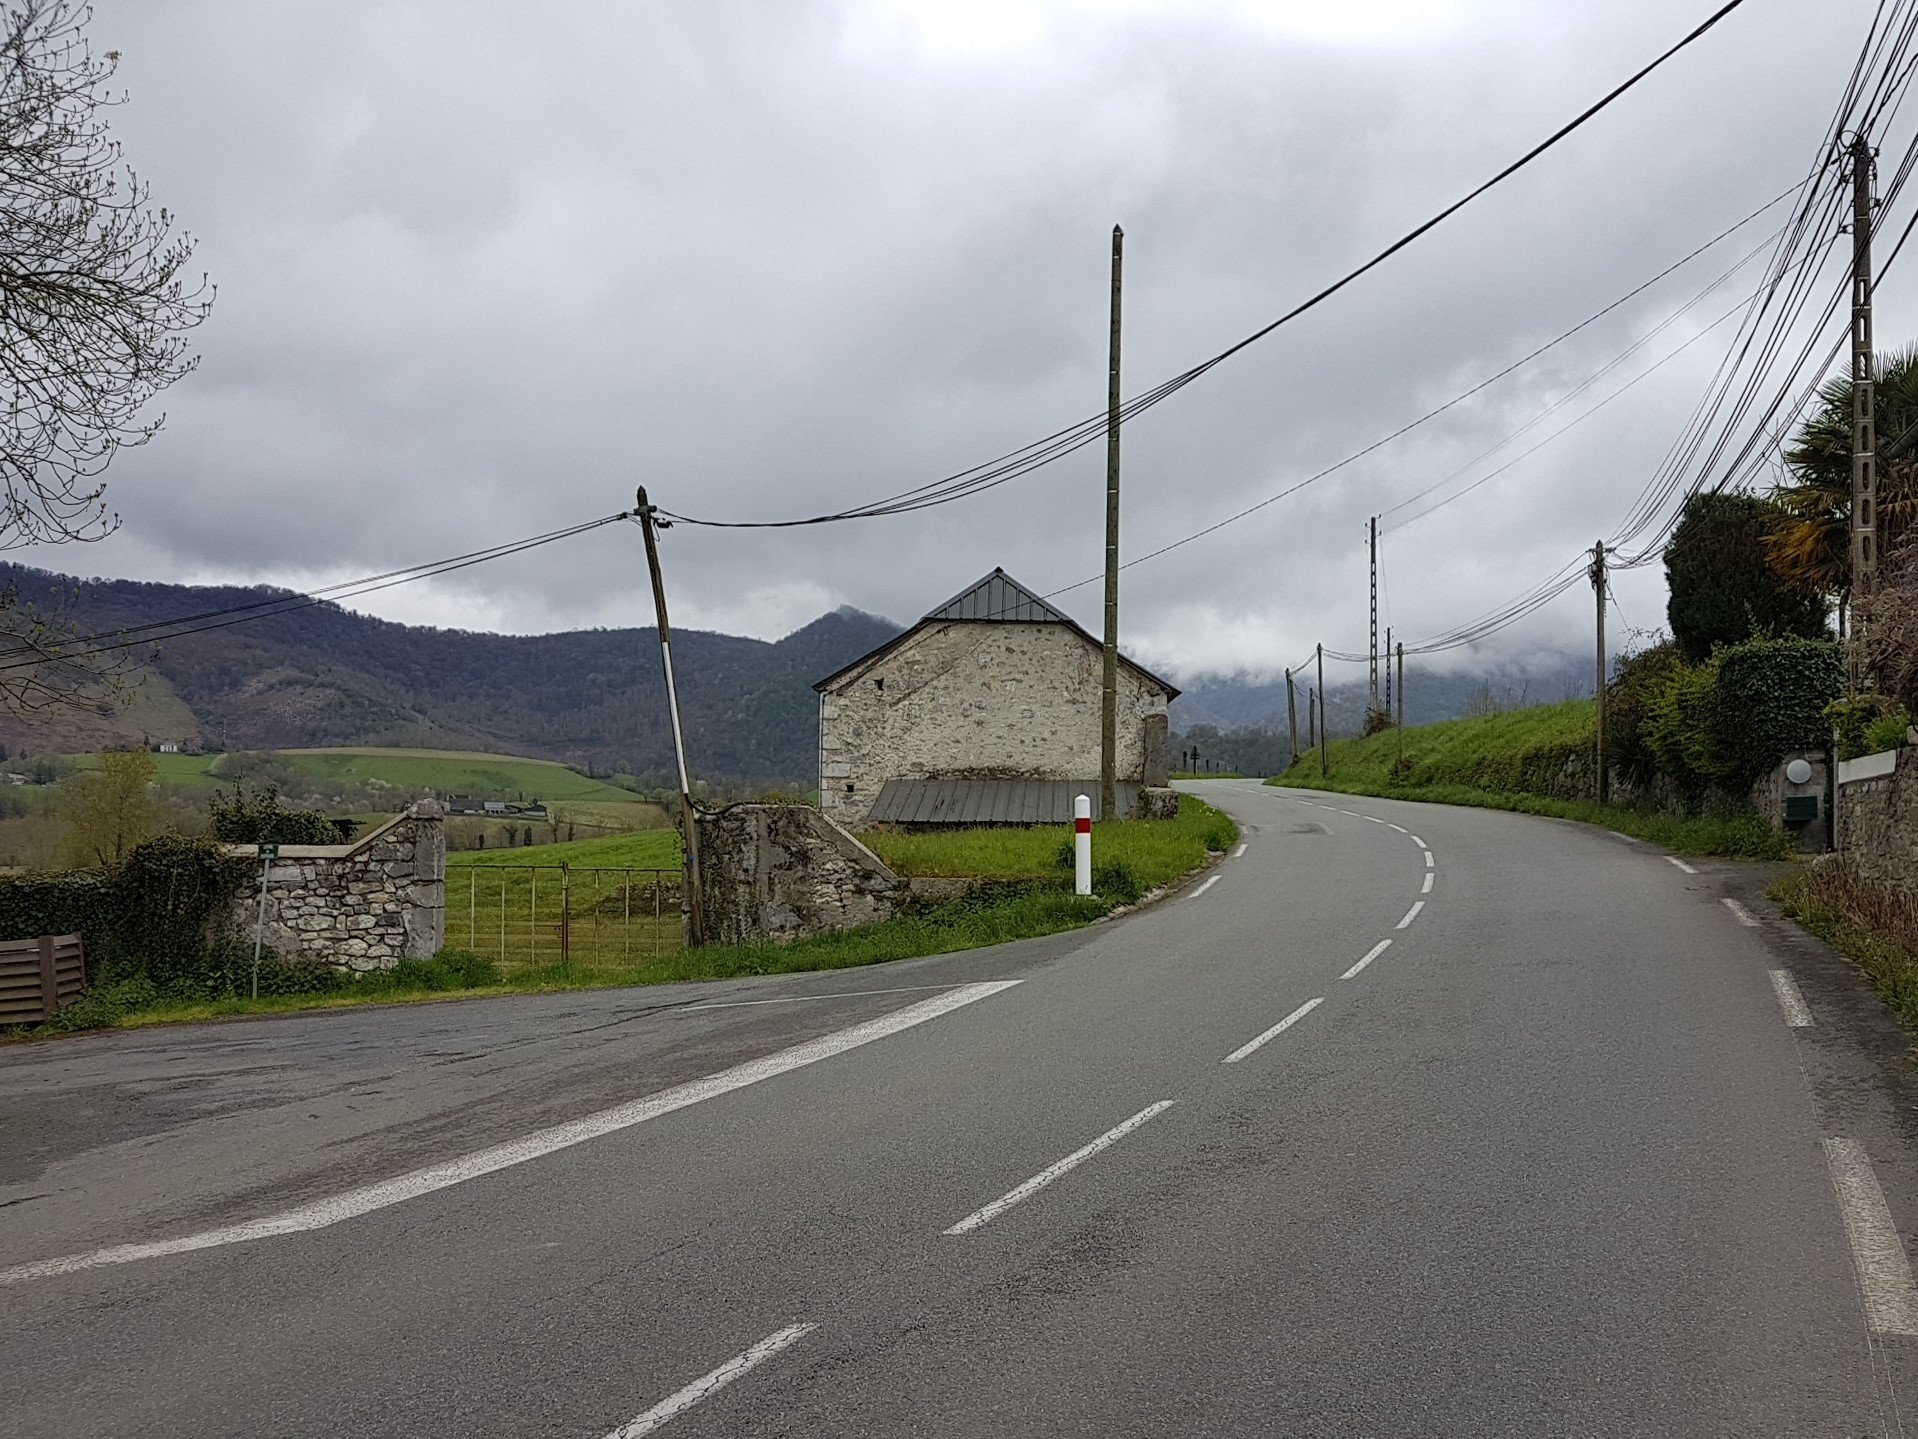 De Lourdes à Arudy sous la pluie (c) Alain Demaret 2018